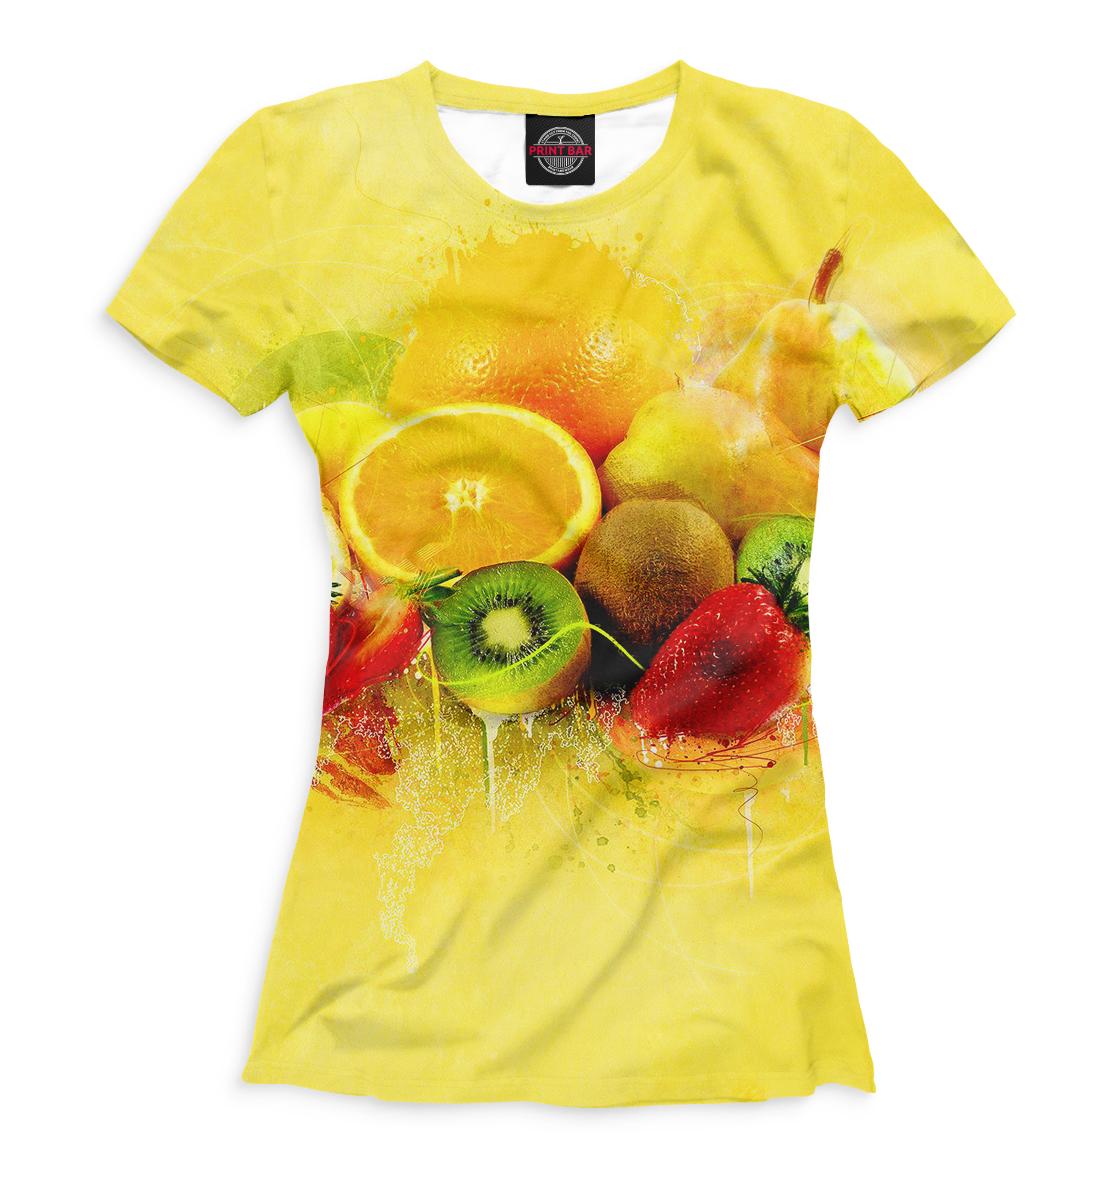 Купить Фрукты и ягоды, Printbar, Футболки, EDA-522127-fut-1